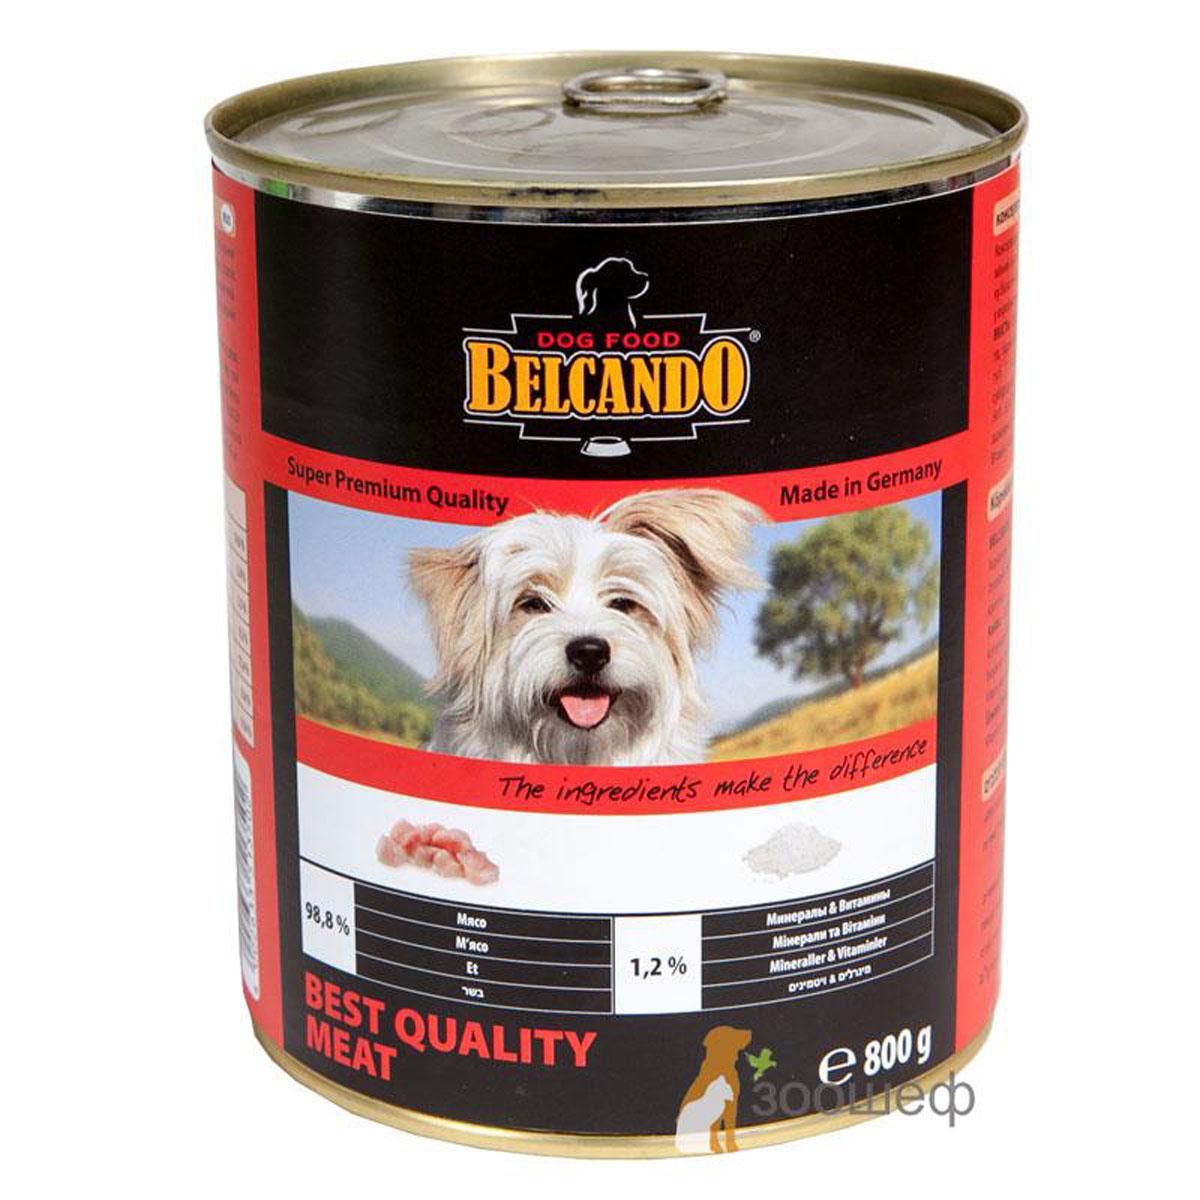 Консервы для собак Belcando, с отборным мясом, 800 г53724Консервы Belcando - это полнорационное влажное питание для собак. Подходят для собак всех возрастов. Комбинируется с любым типом корма, в том числе с натуральной пищей. Состав: мясо 98,8%, витамины и минералы 1,2%. Анализ состава: протеин 14 %, жир 5 %, клетчатка 0,2 %, зола 2,5 %, влажность 75,4 %, витамин А 2,500 МЕ/кг, витамин Е 40 мг/кг, витамин D3 250 МЕ/кг, кальций 0,4 %, фосфор 0,16 %.Вес: 800 г.Товар сертифицирован.